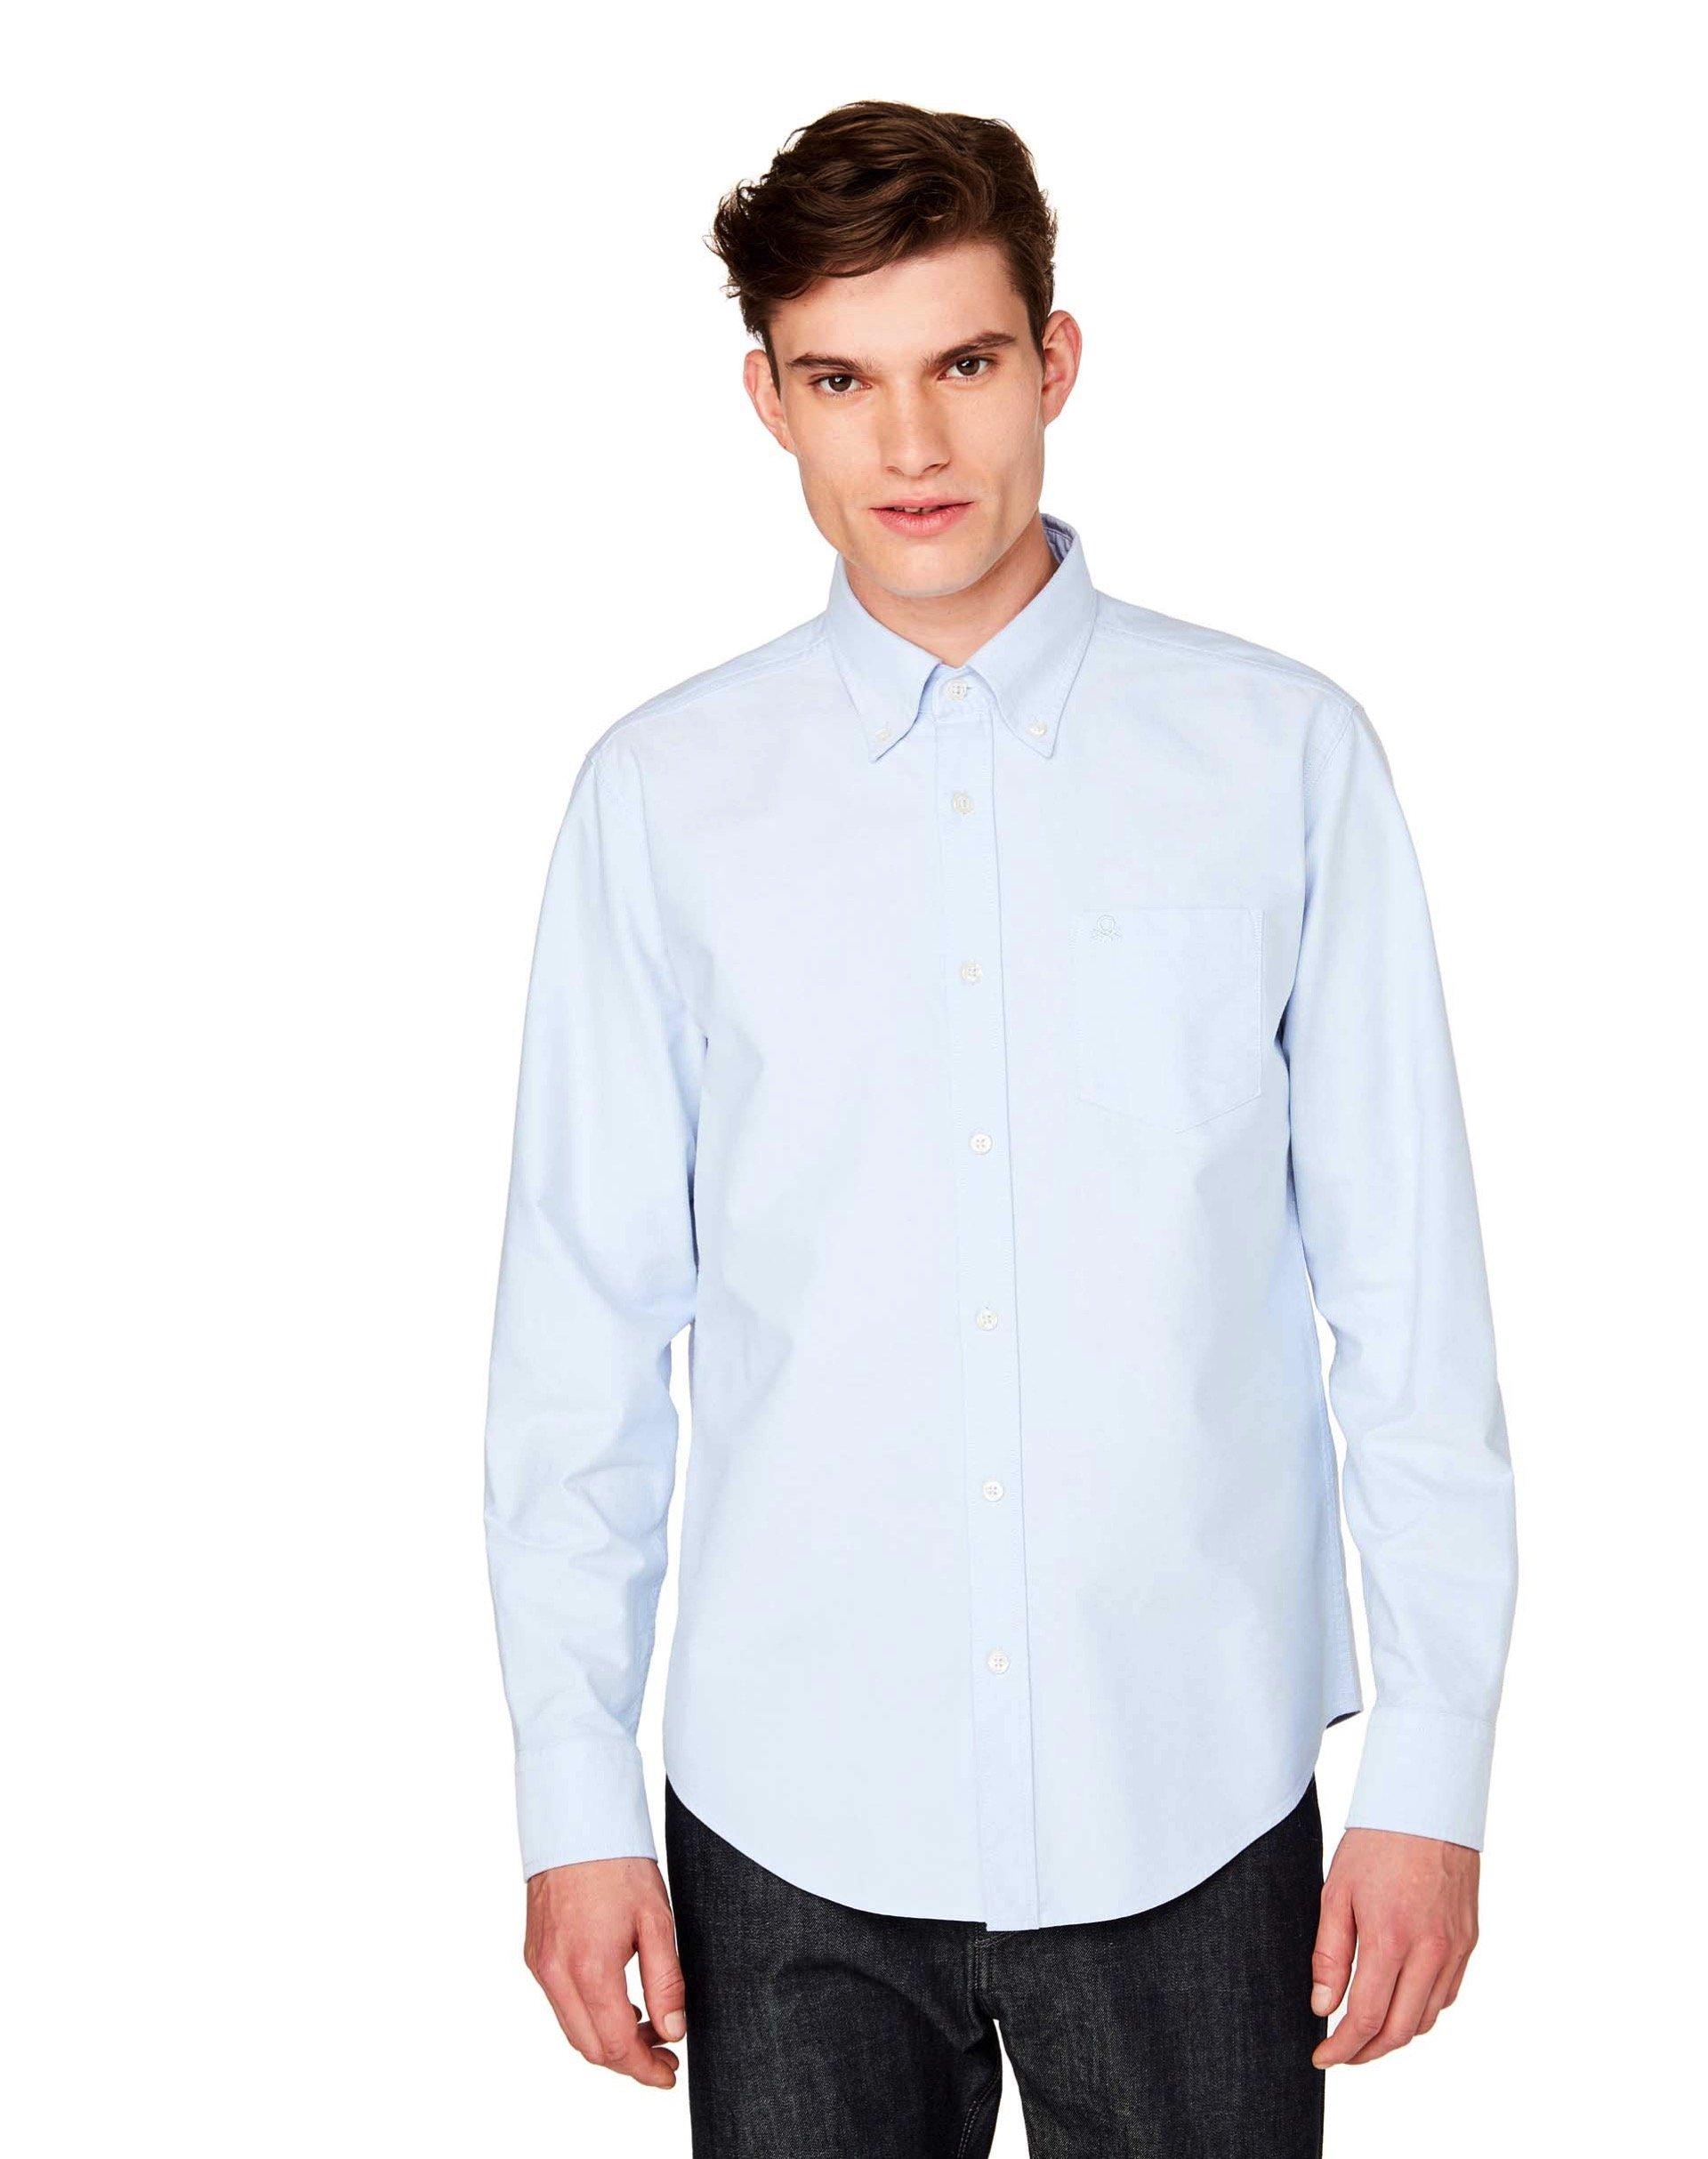 РубашкаКлассические<br>Рубашка с длинным рукавом из 100% хлопка Оксфорд, с итальянским воротничком и застежкой на пуговицы. Вышитый логотип Benetton на кармашке слева на груди, округленный низ и кокетка сзади. Посадка регулар.<br>Цвет: Голубой; Размер: XS;